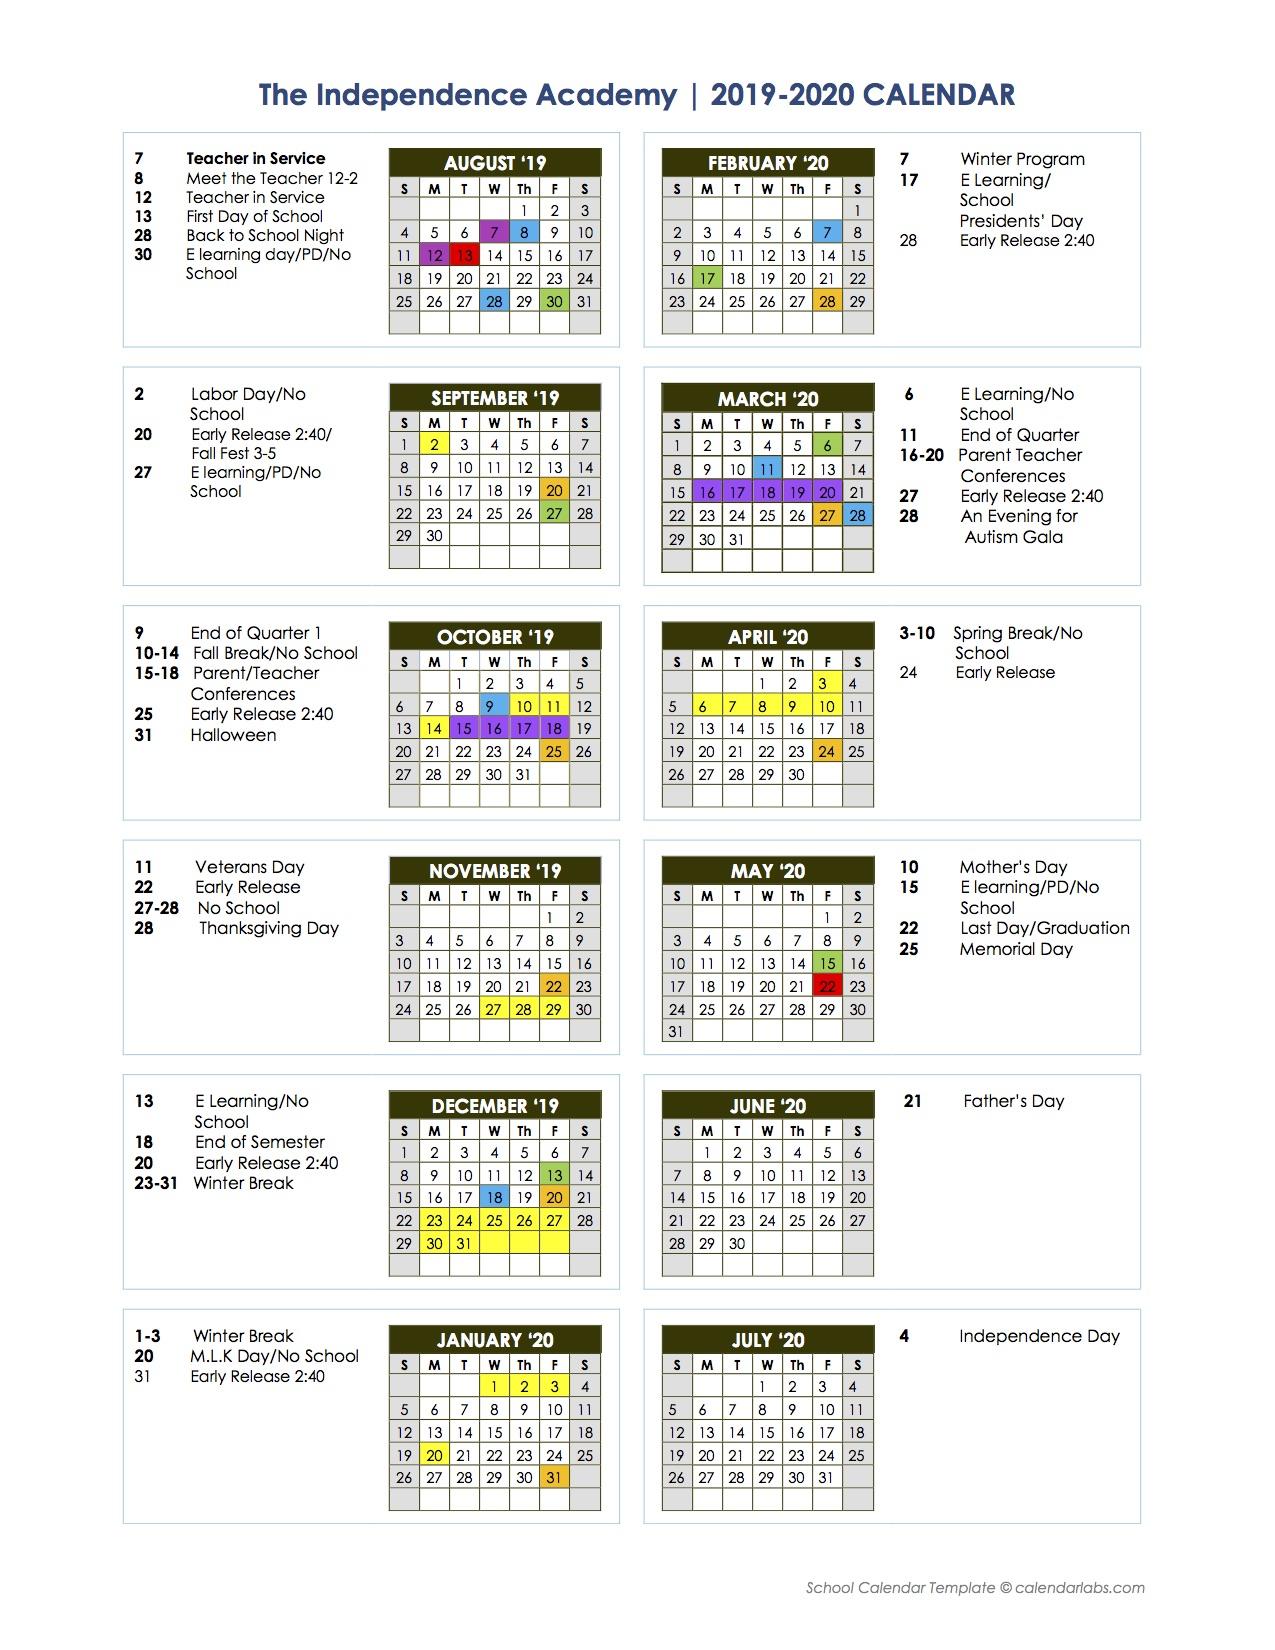 IA Calendar 2019-2020 .jpg